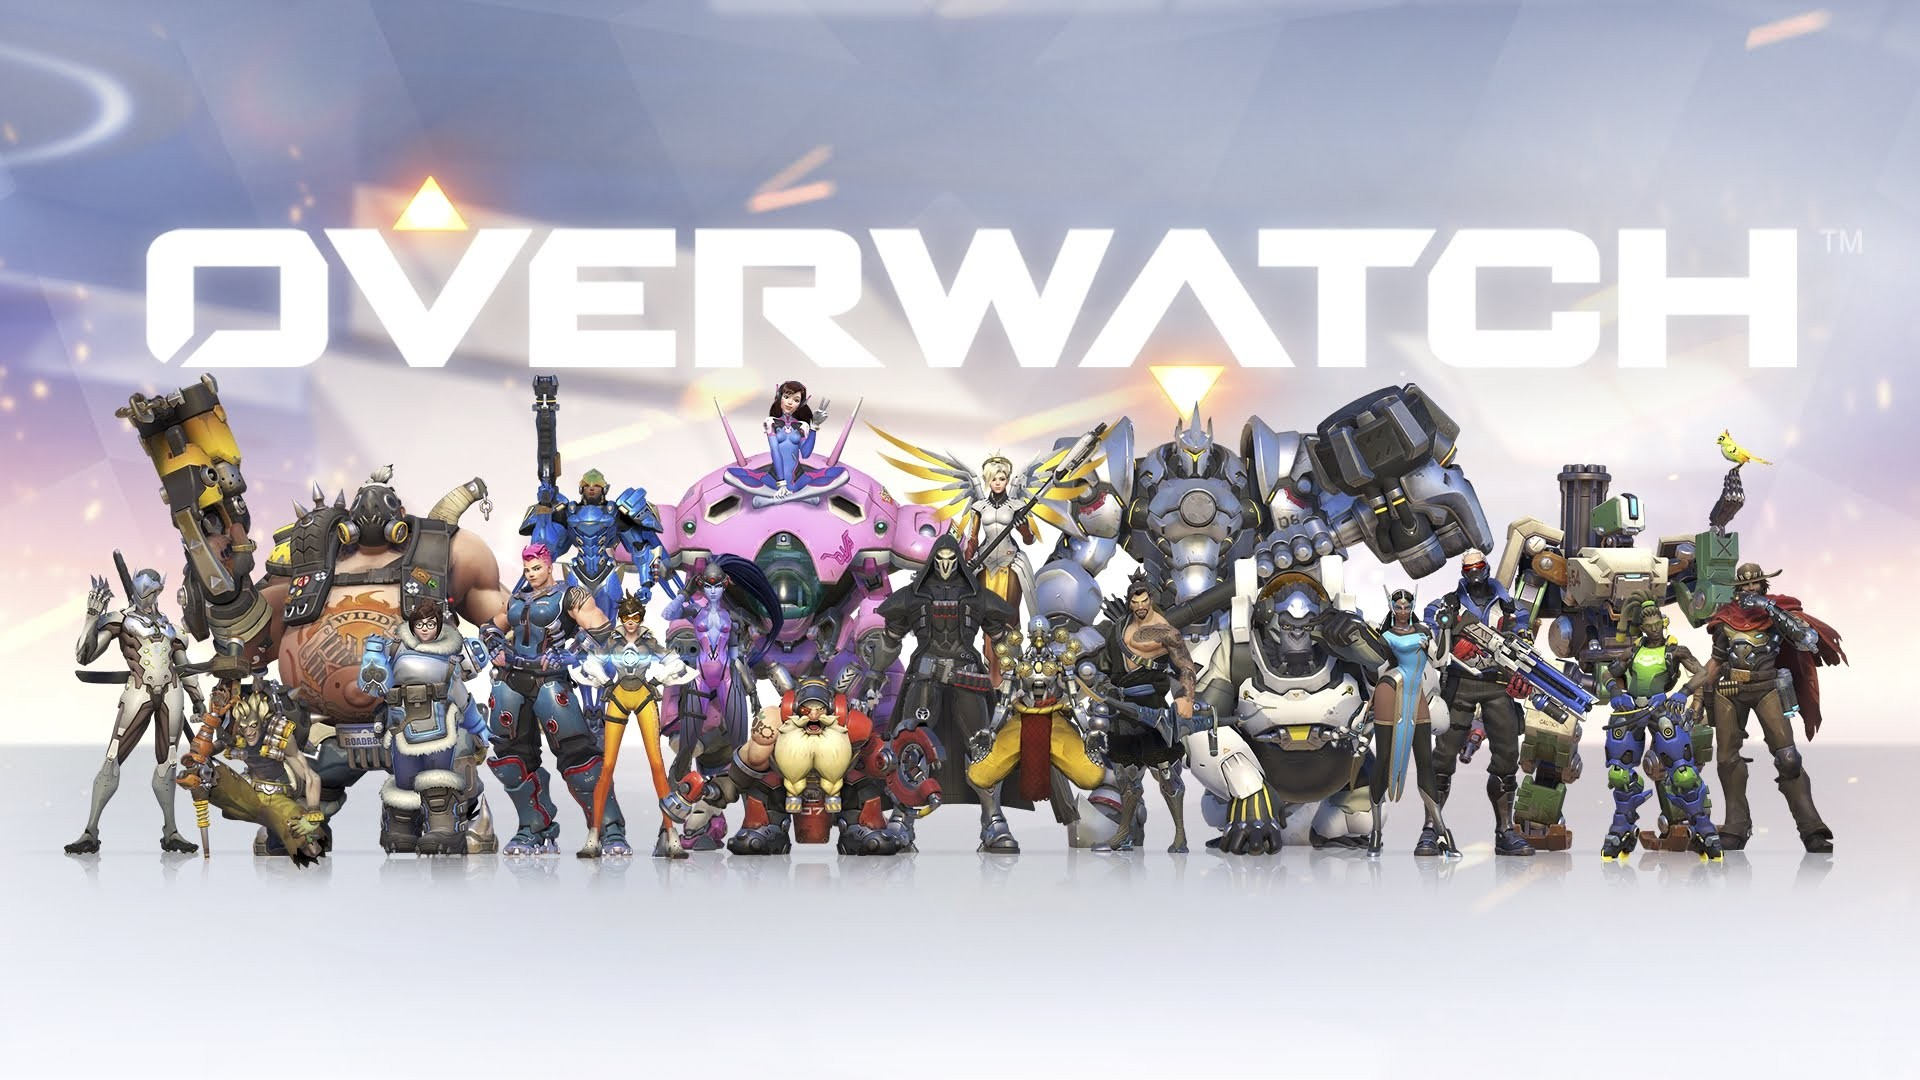 Число игроков платной версии Оverwatch достигло 25 млн человек